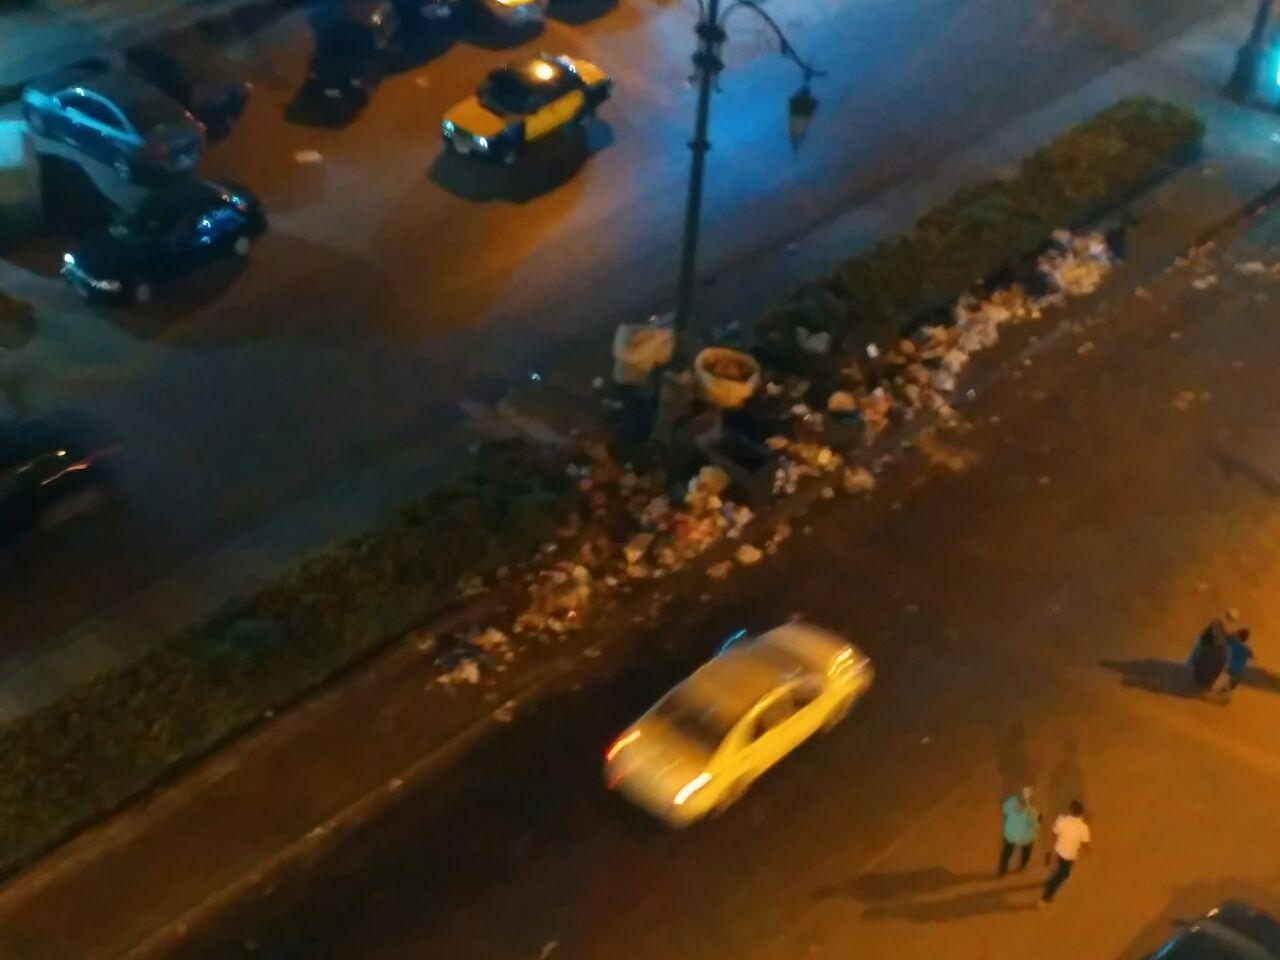 مواطن ينتقد تدني مستوى النظافة بمنطقة بحري بالإسكندرية